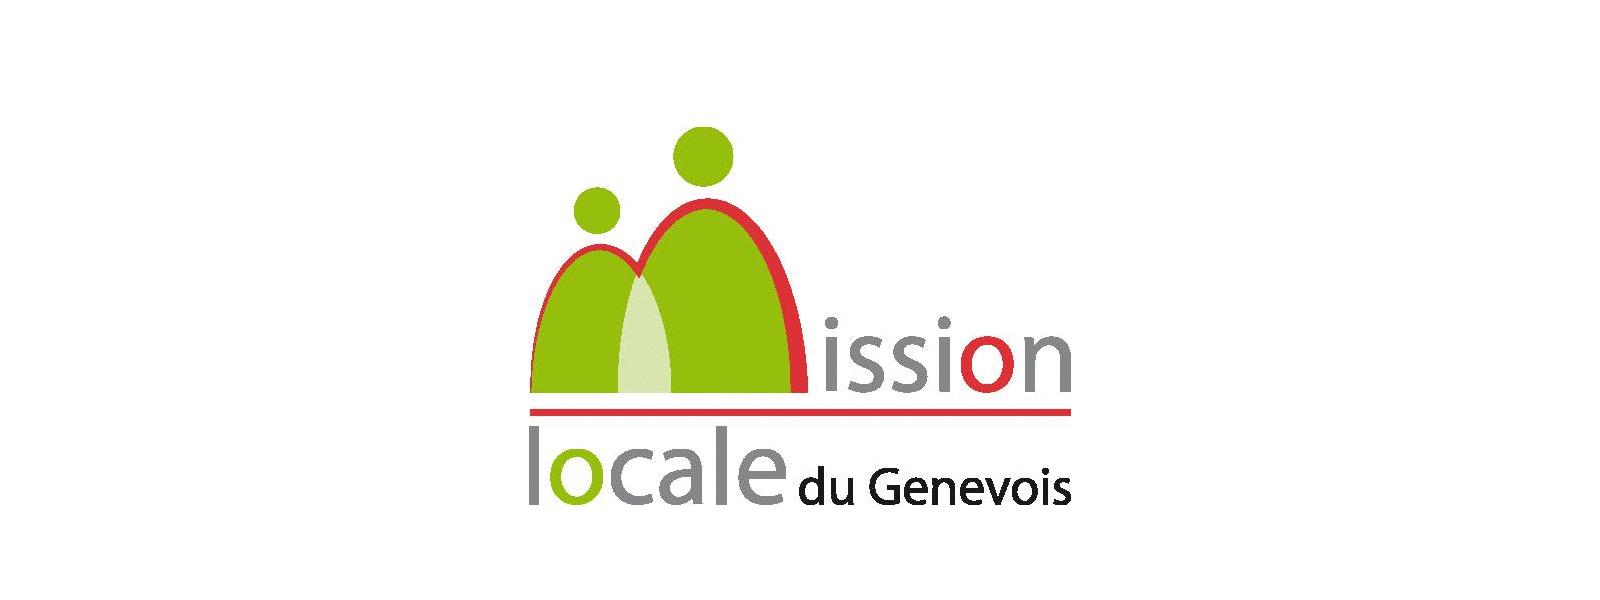 Logo de la Mission Locale du Genevois